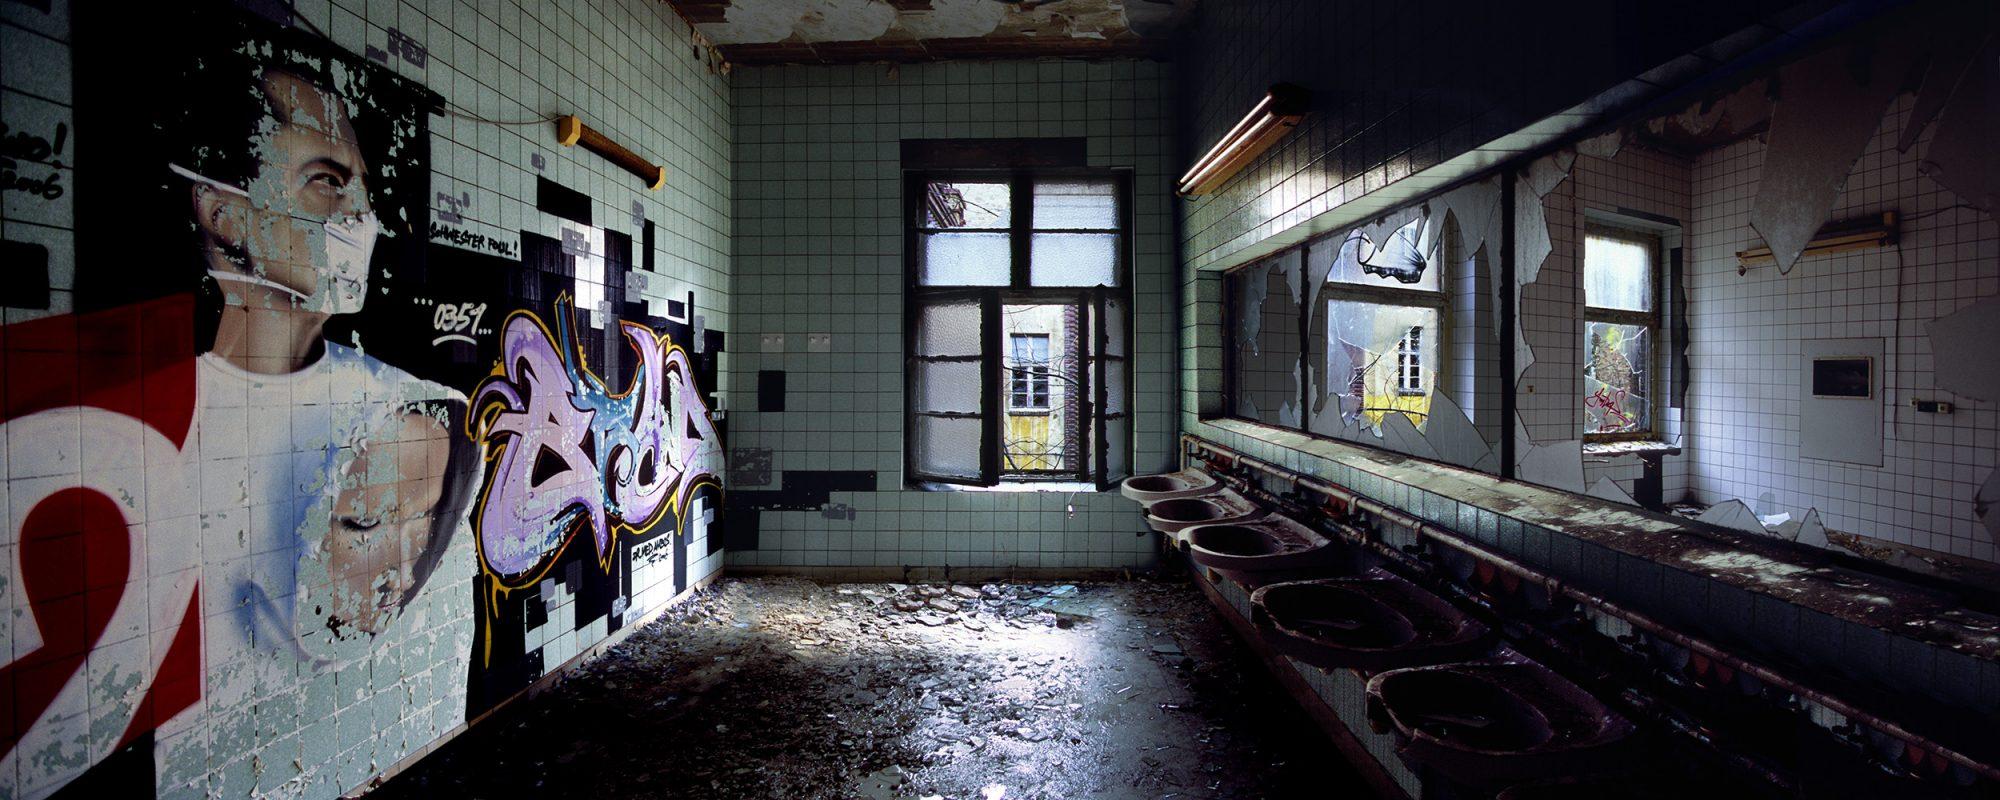 Beelitz-Heilstätten, Bad